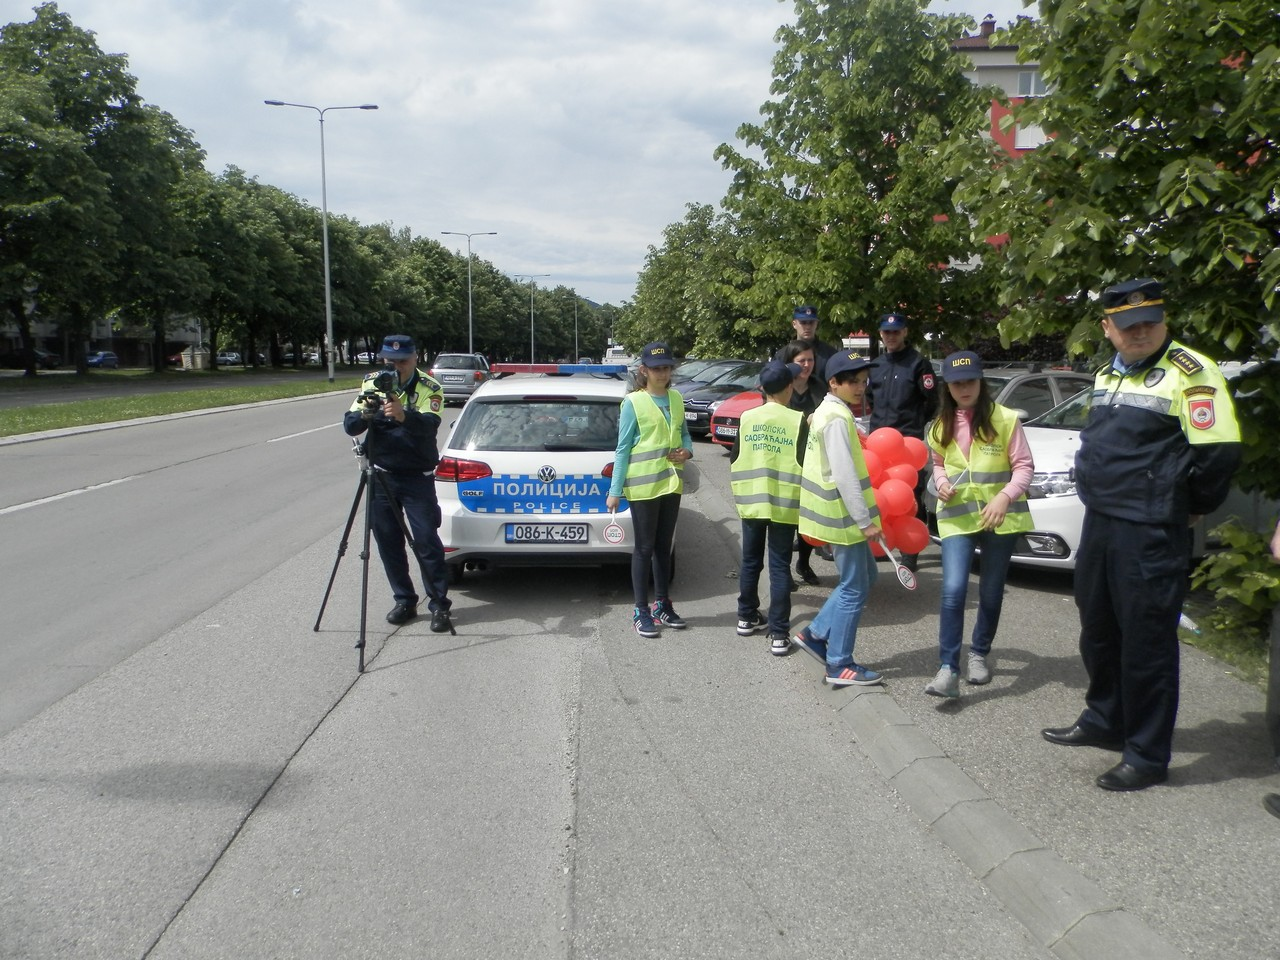 На Булевару Десанке Максимовић данас уз присуство школараца контролисана брзина кретања возила